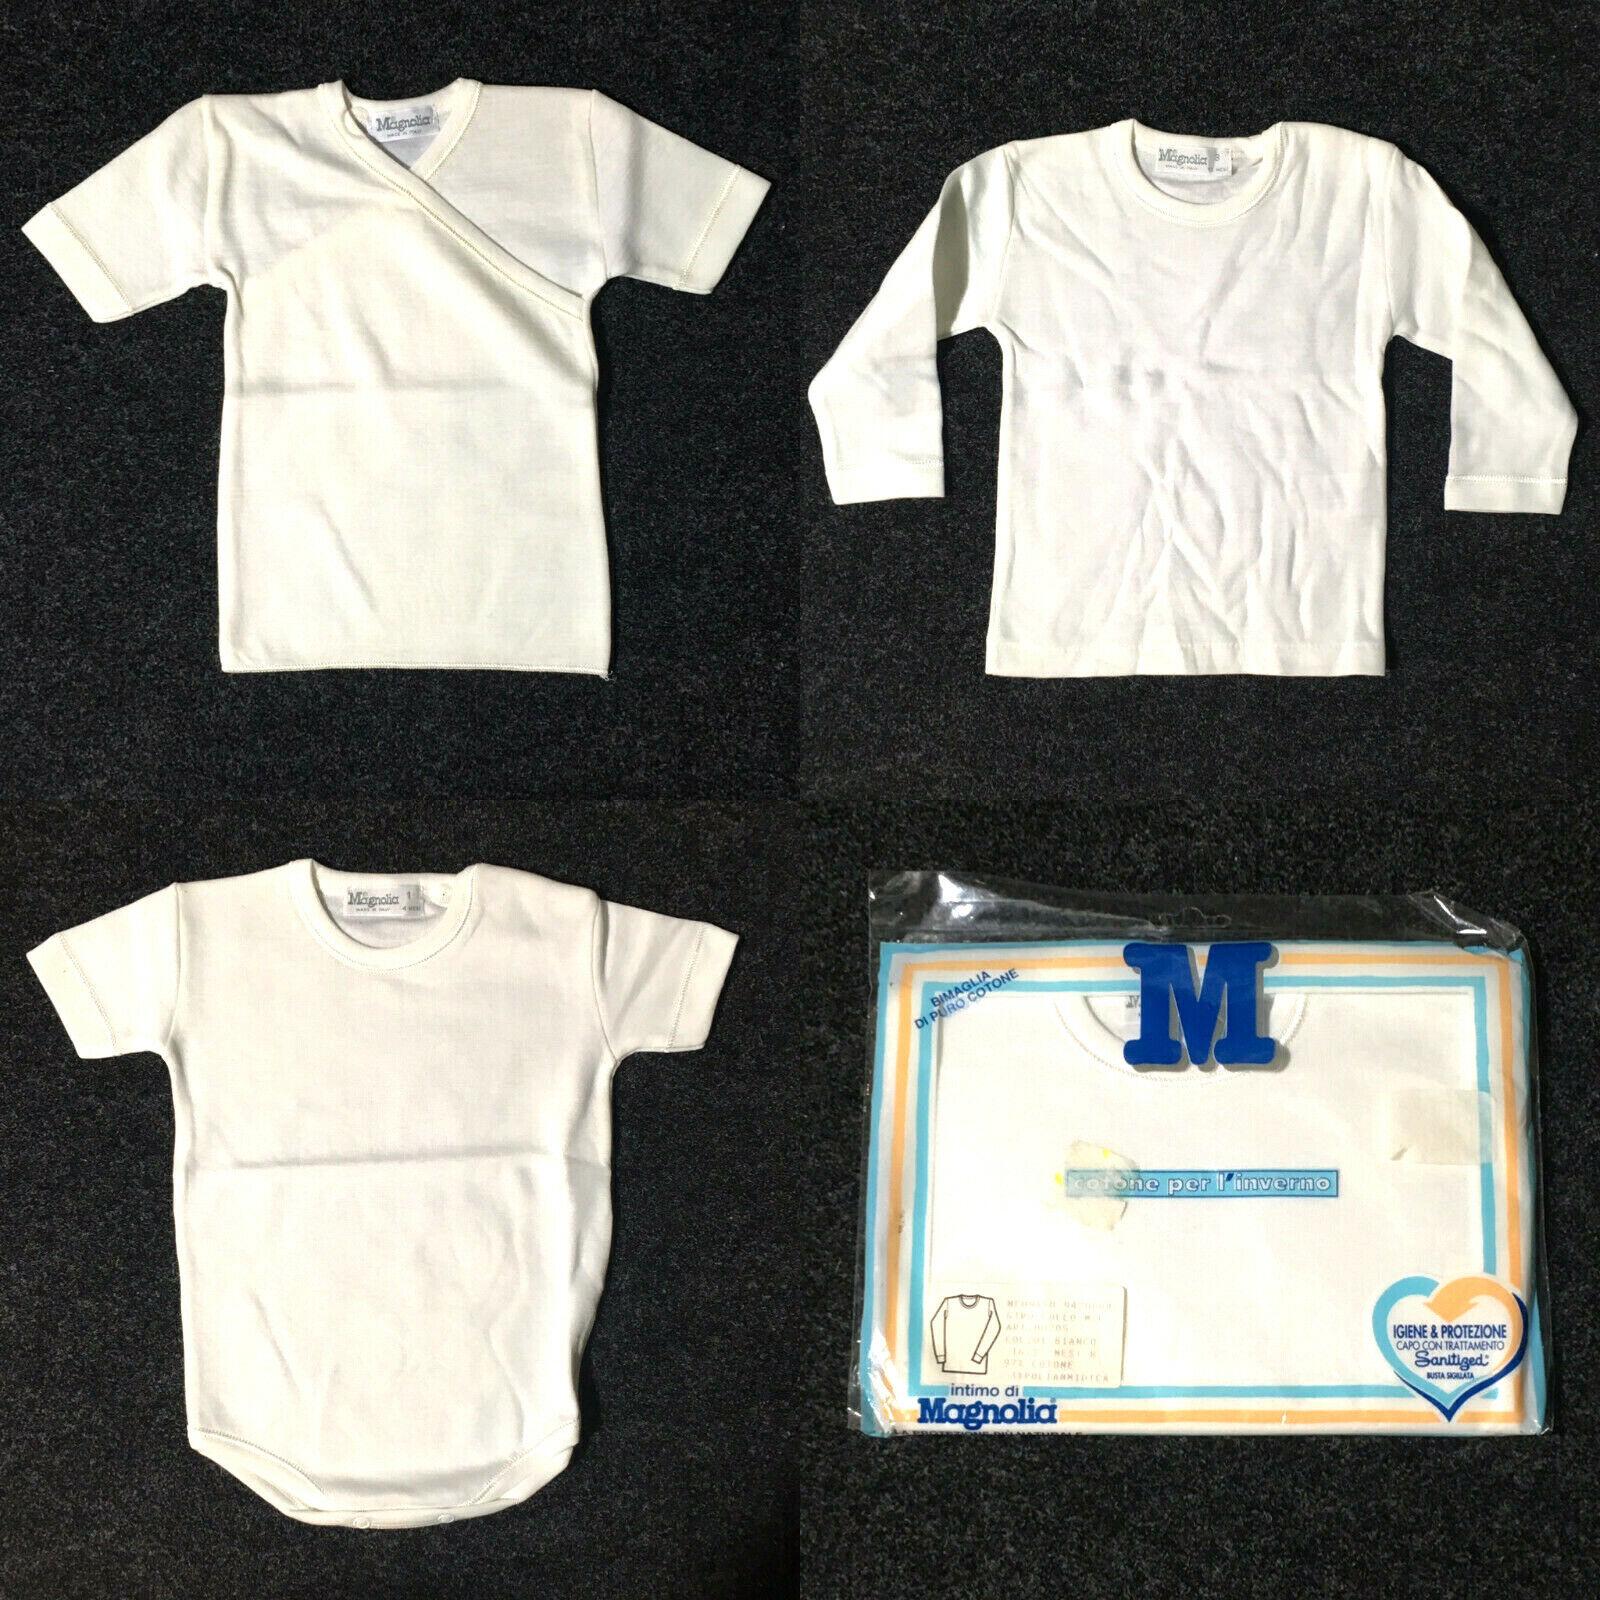 Maglia NEONATO Abbigliamento Bimbo MAGNOLIA cotone bianco vari modelli 0 24 mesi